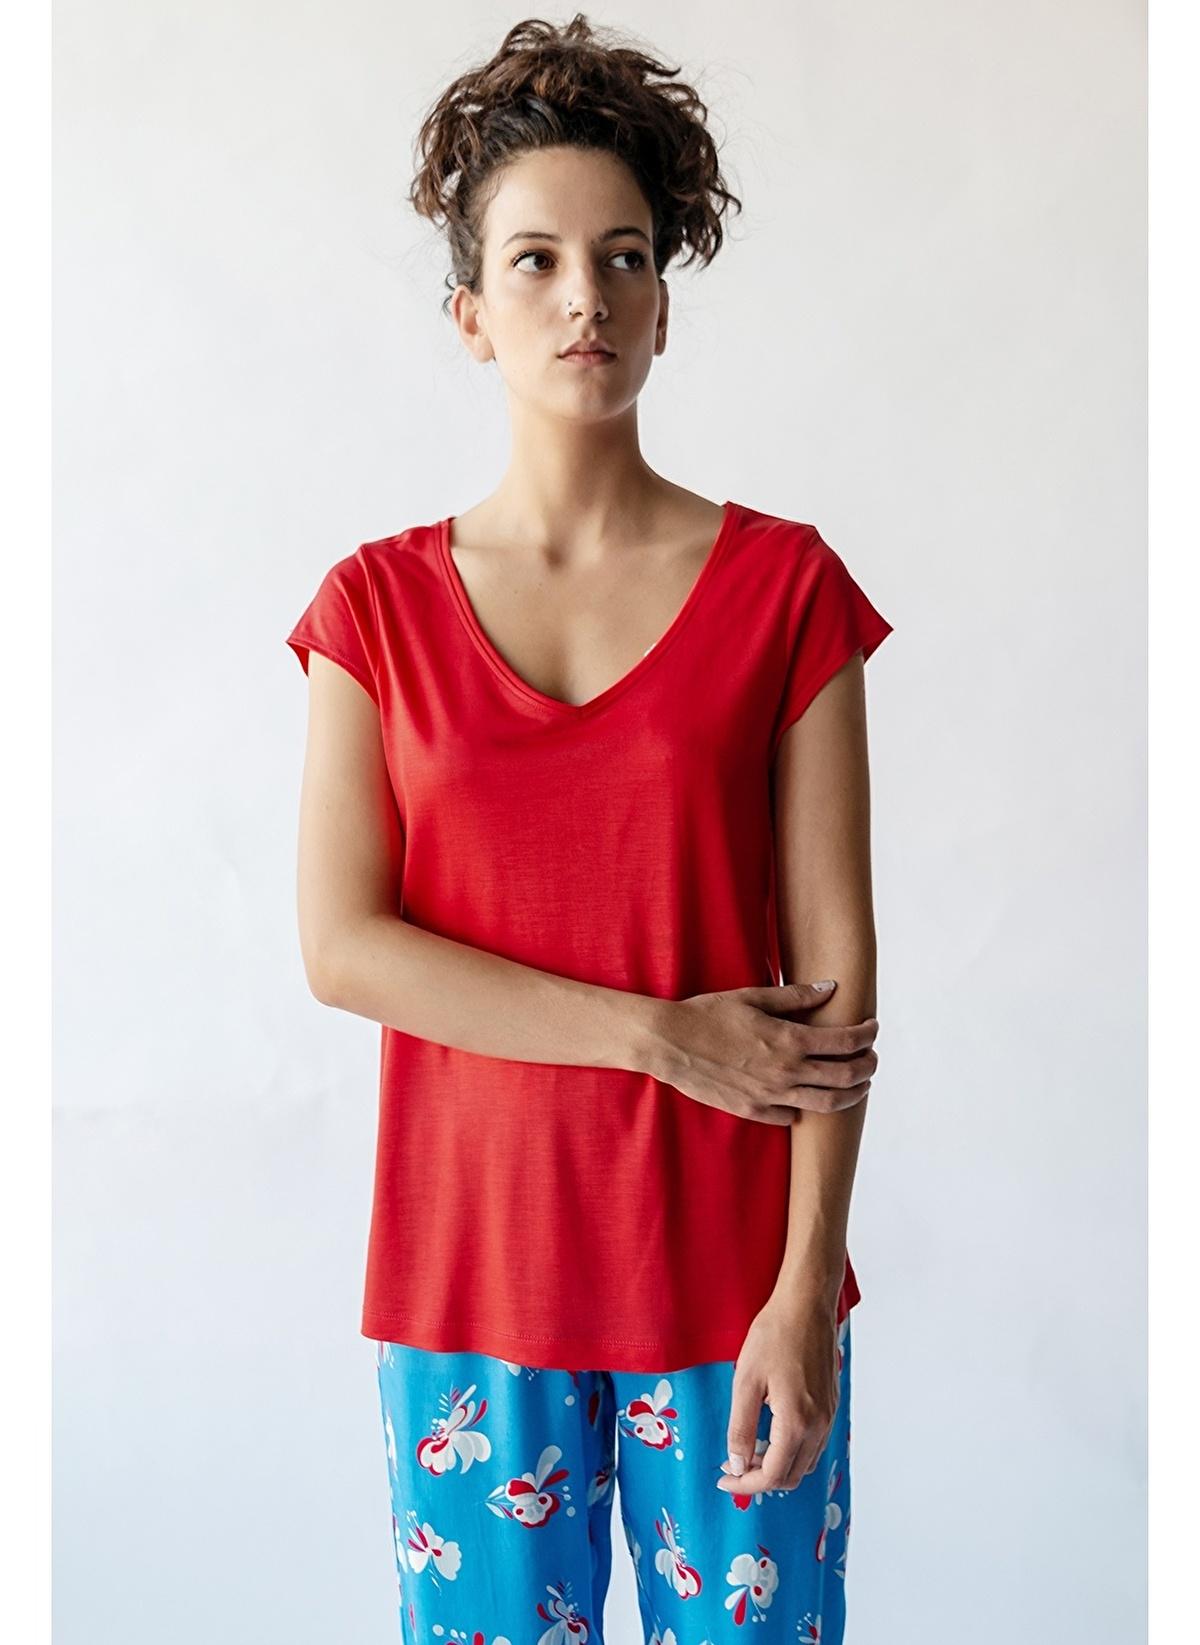 Hays Pijama Üst 29639-b132 Kadın V Yaka Tencel Üst – 89.99 TL